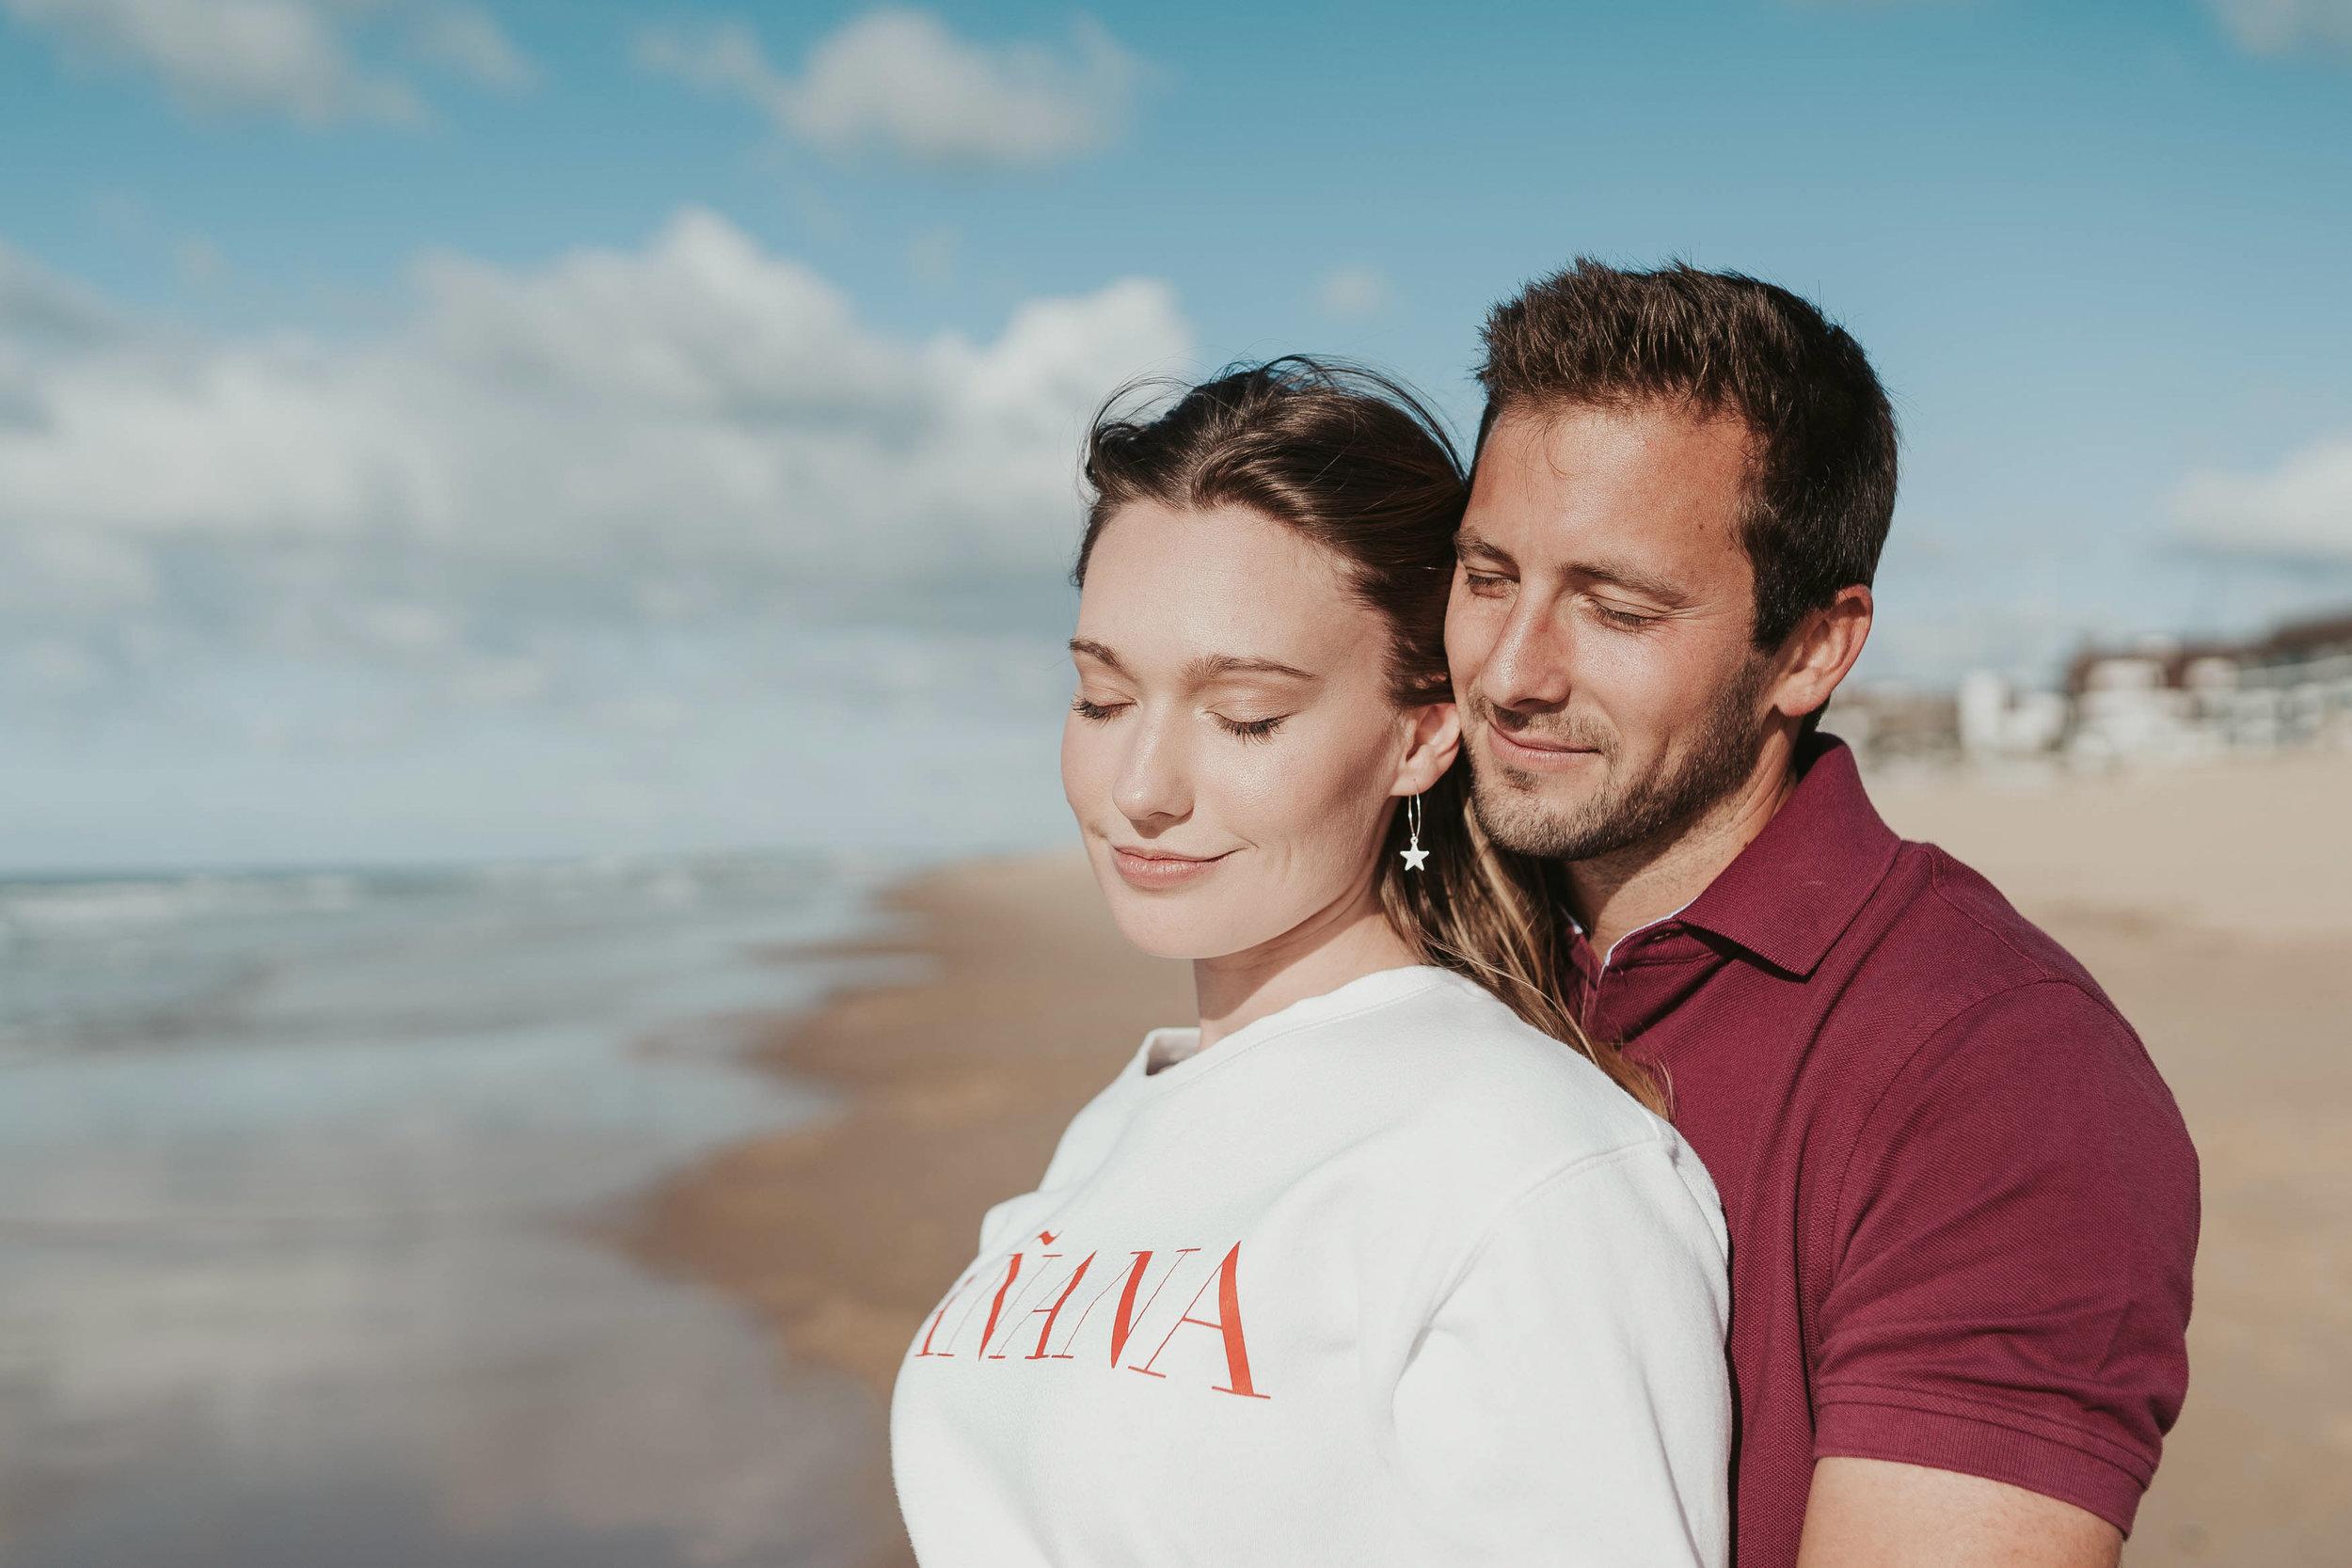 photographe_bruxelles_couple_mer_du_nord-17.jpg